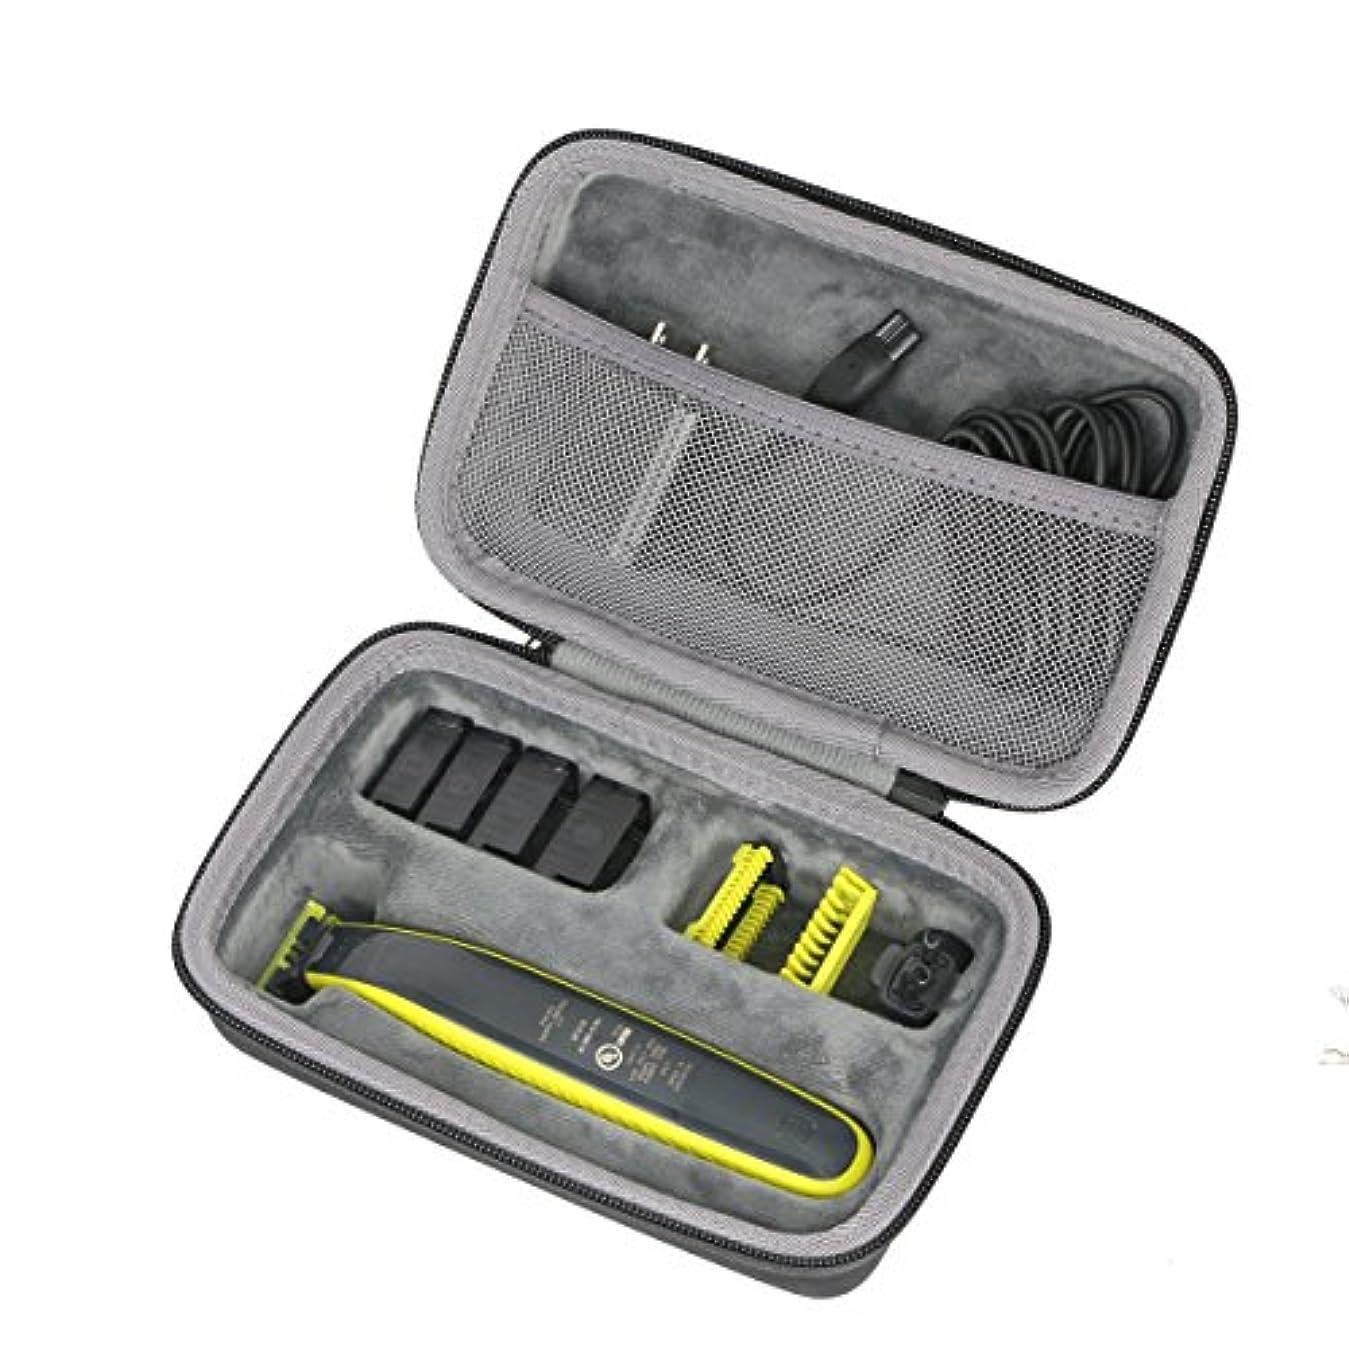 嫌がる誠実類人猿Philips Norelco OneBlade Hybrid Rechargeable Trimmer QP2630/70ノ専用旅行収納 デザインノco2CREA バッグ